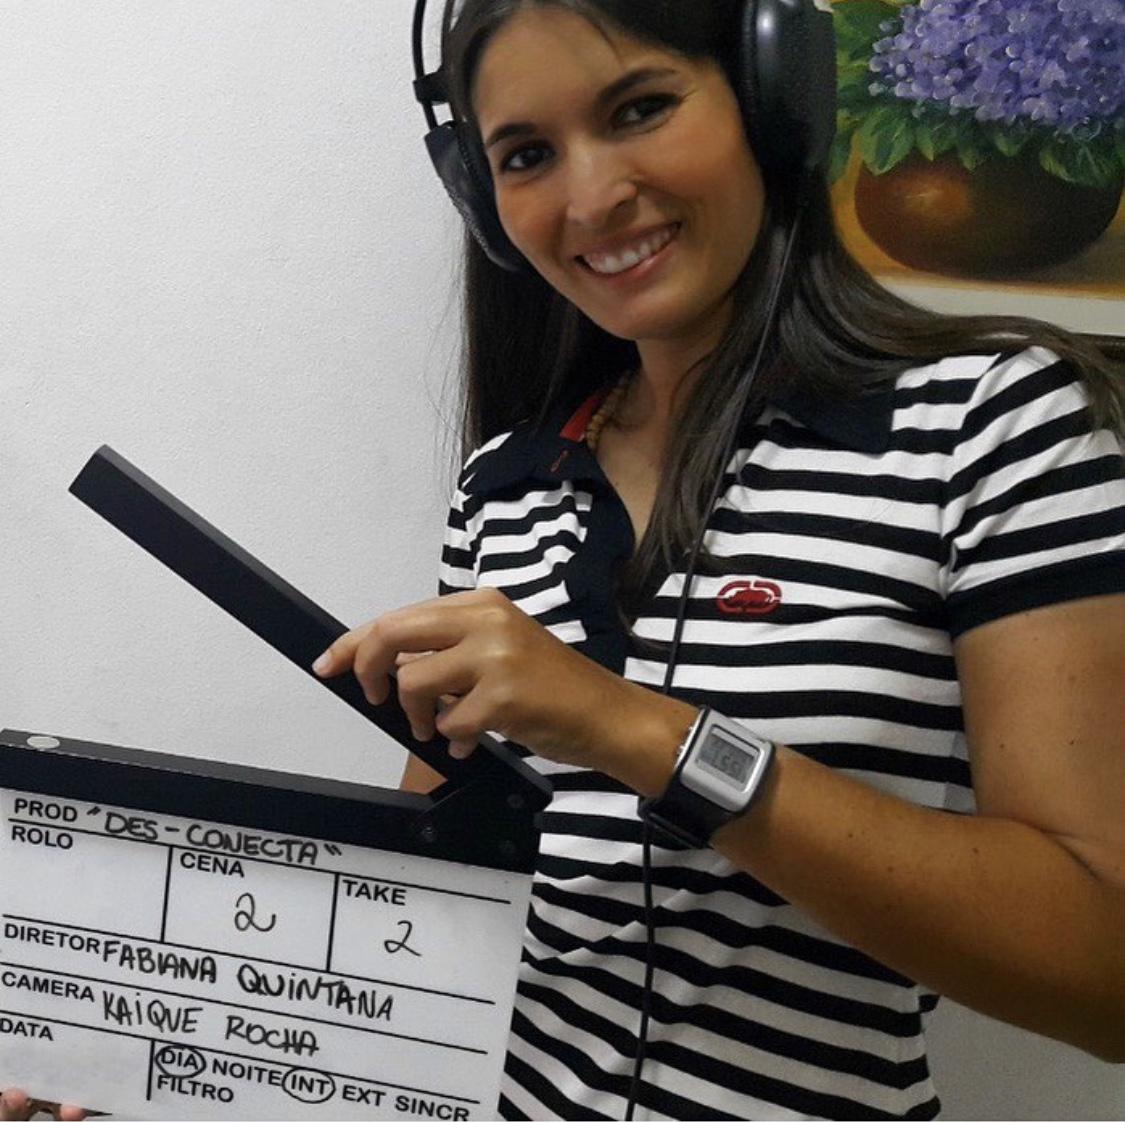 Fabiana Quintana